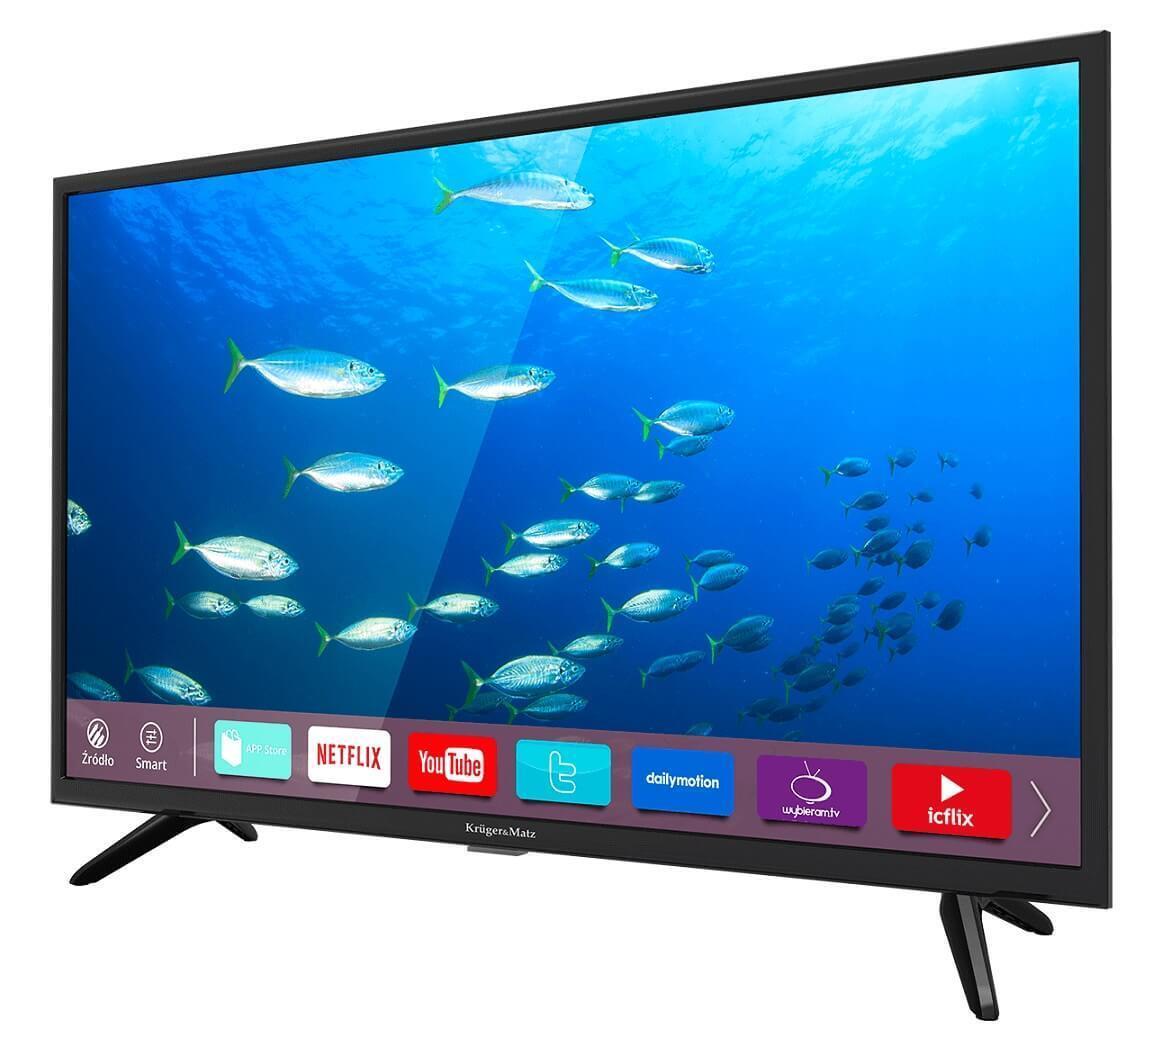 Krüger & Matz KM0232-S 32 Zoll HD WLAN Smart TV Triple Tuner DVB-T2/S/C A+ USB